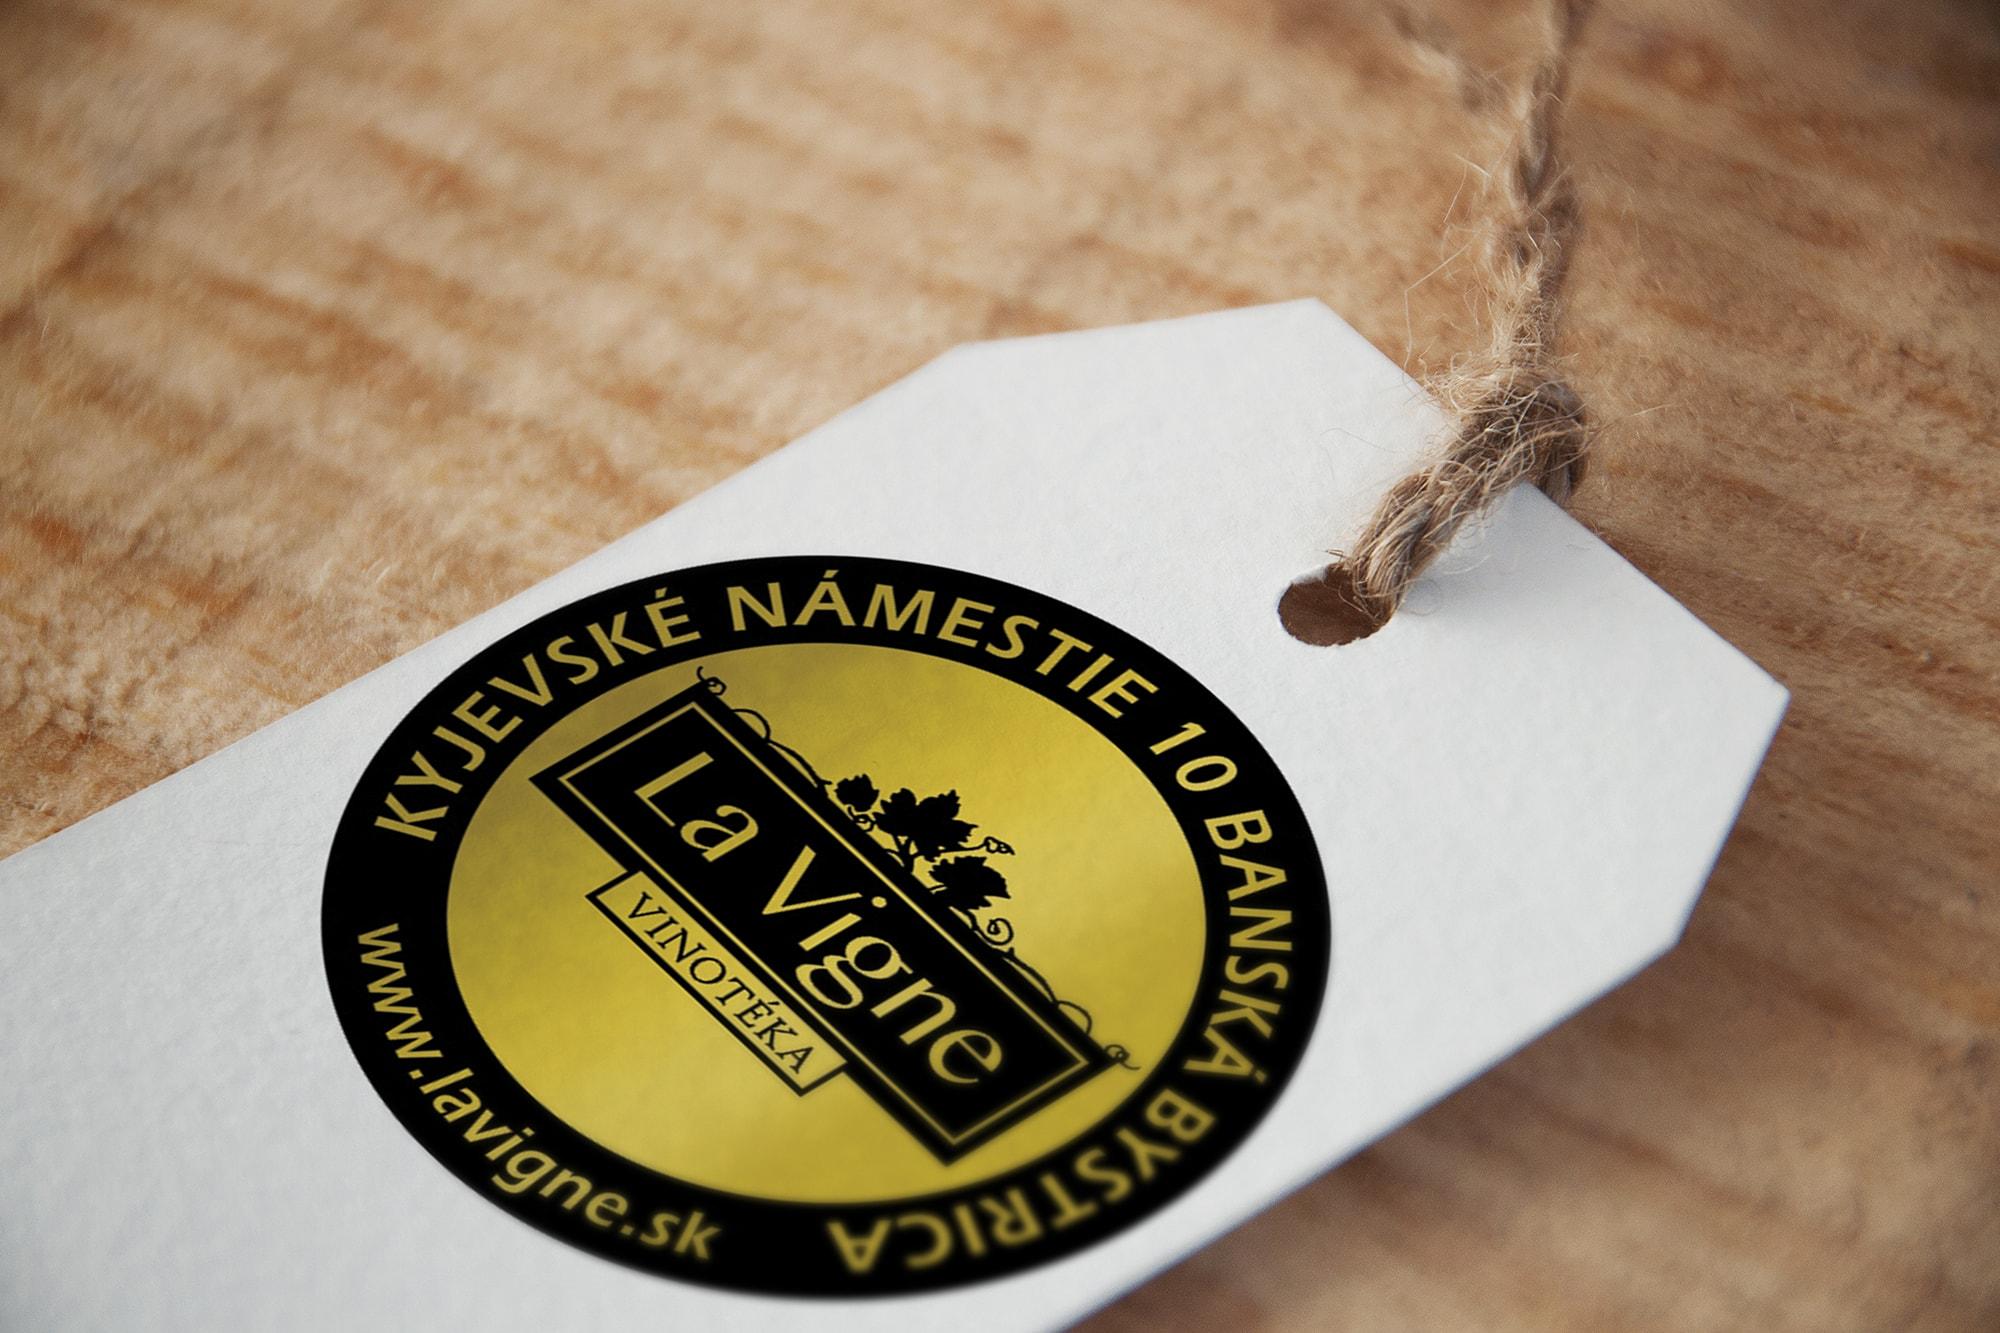 Vytlačené logo La Vigne na etikete s motúzom